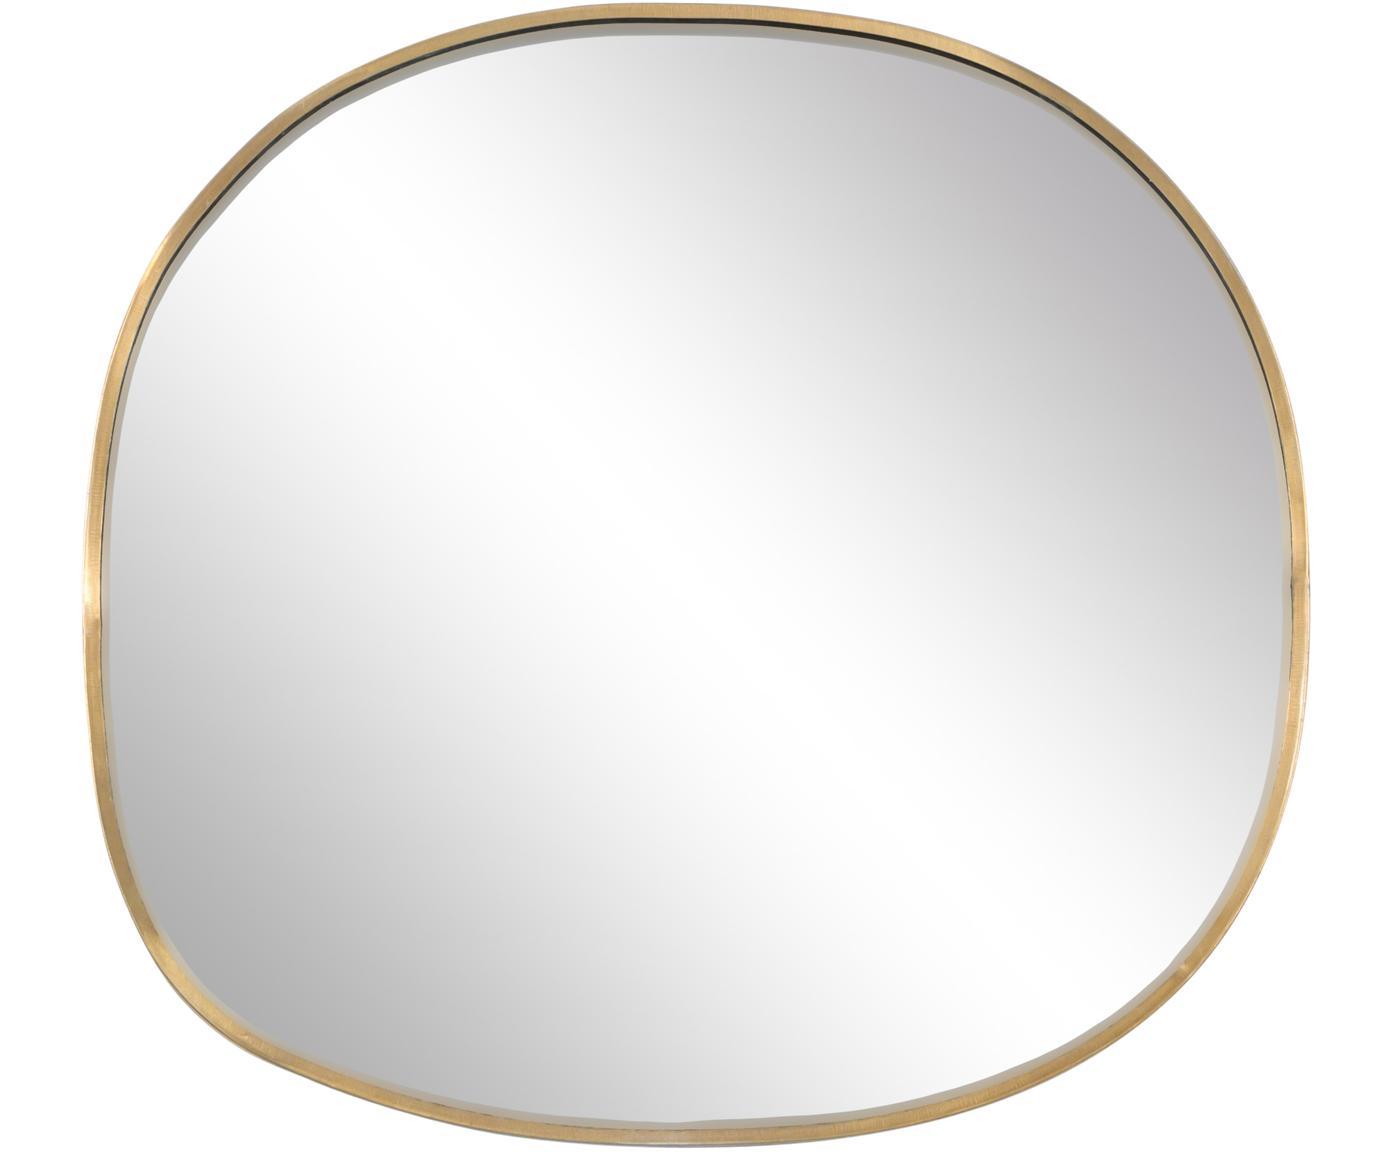 Wandspiegel Daily Pretty mit Messingrahmen, Rahmen: Messing, Spiegelfläche: Spiegelglas, Messing, 27 x 25 cm